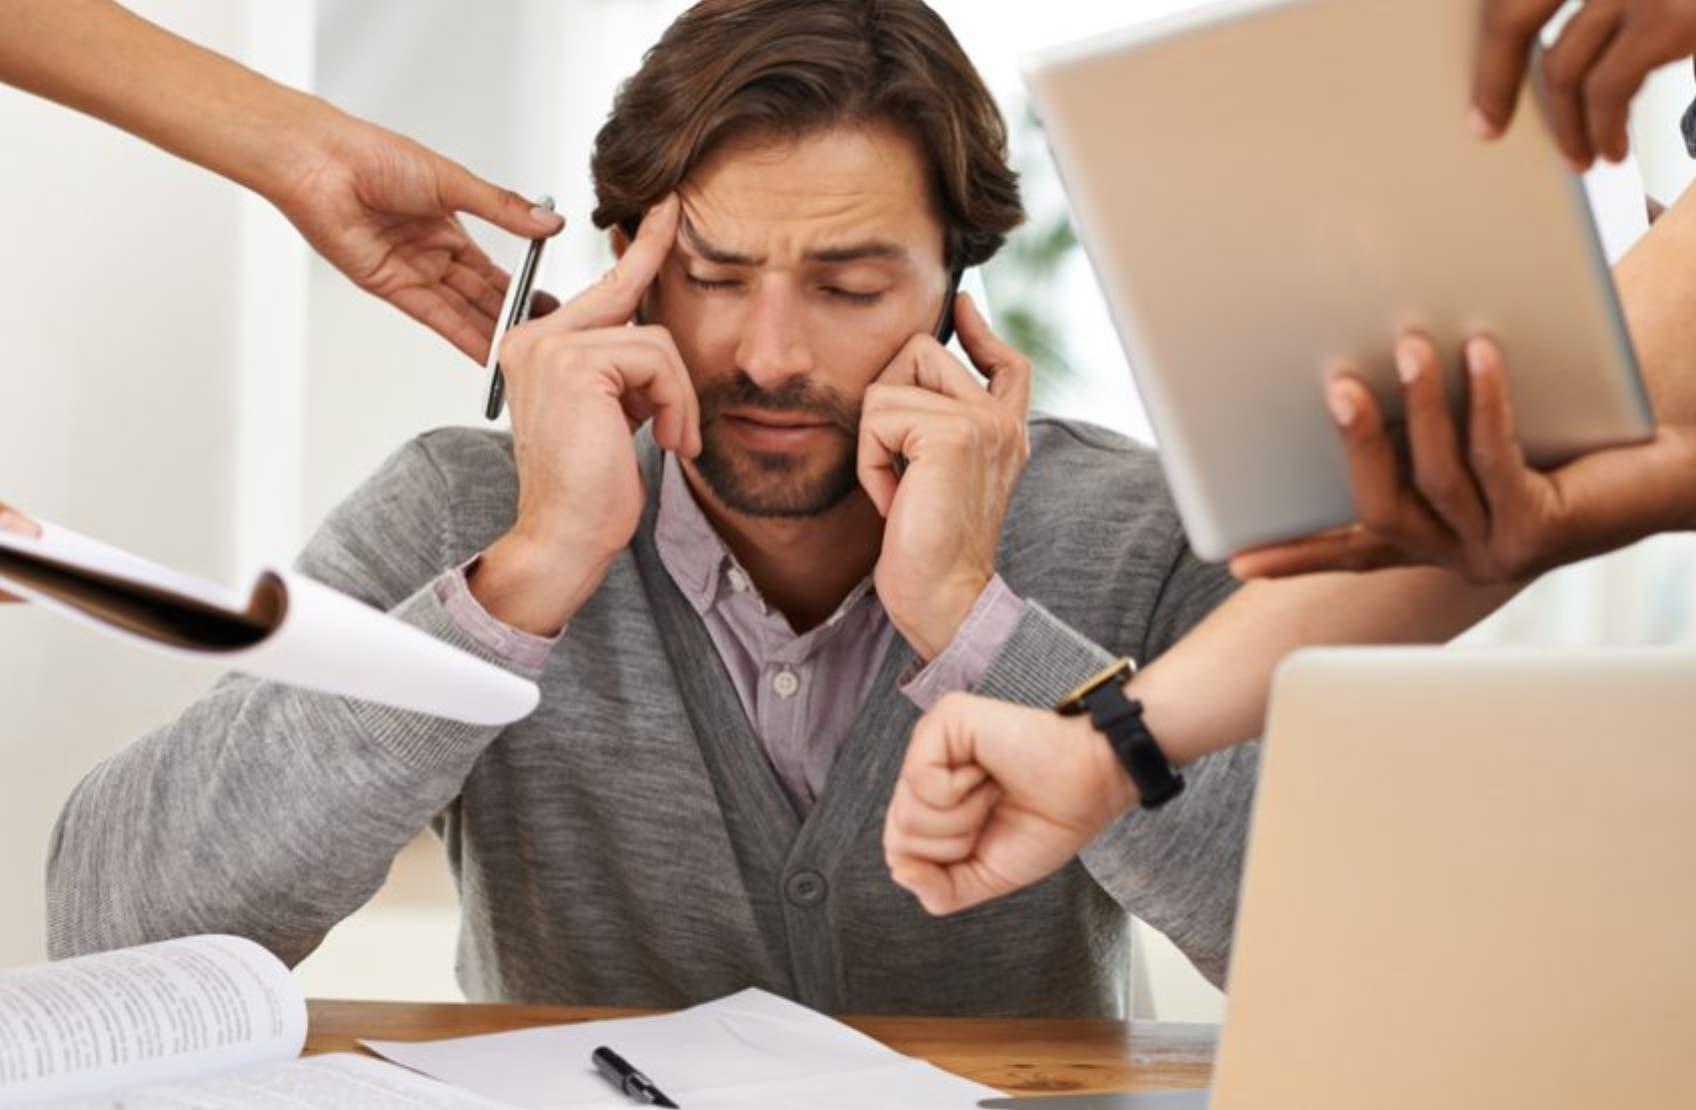 Estrés y ansiedad tienden a disminuir la calidad de vida de las personas